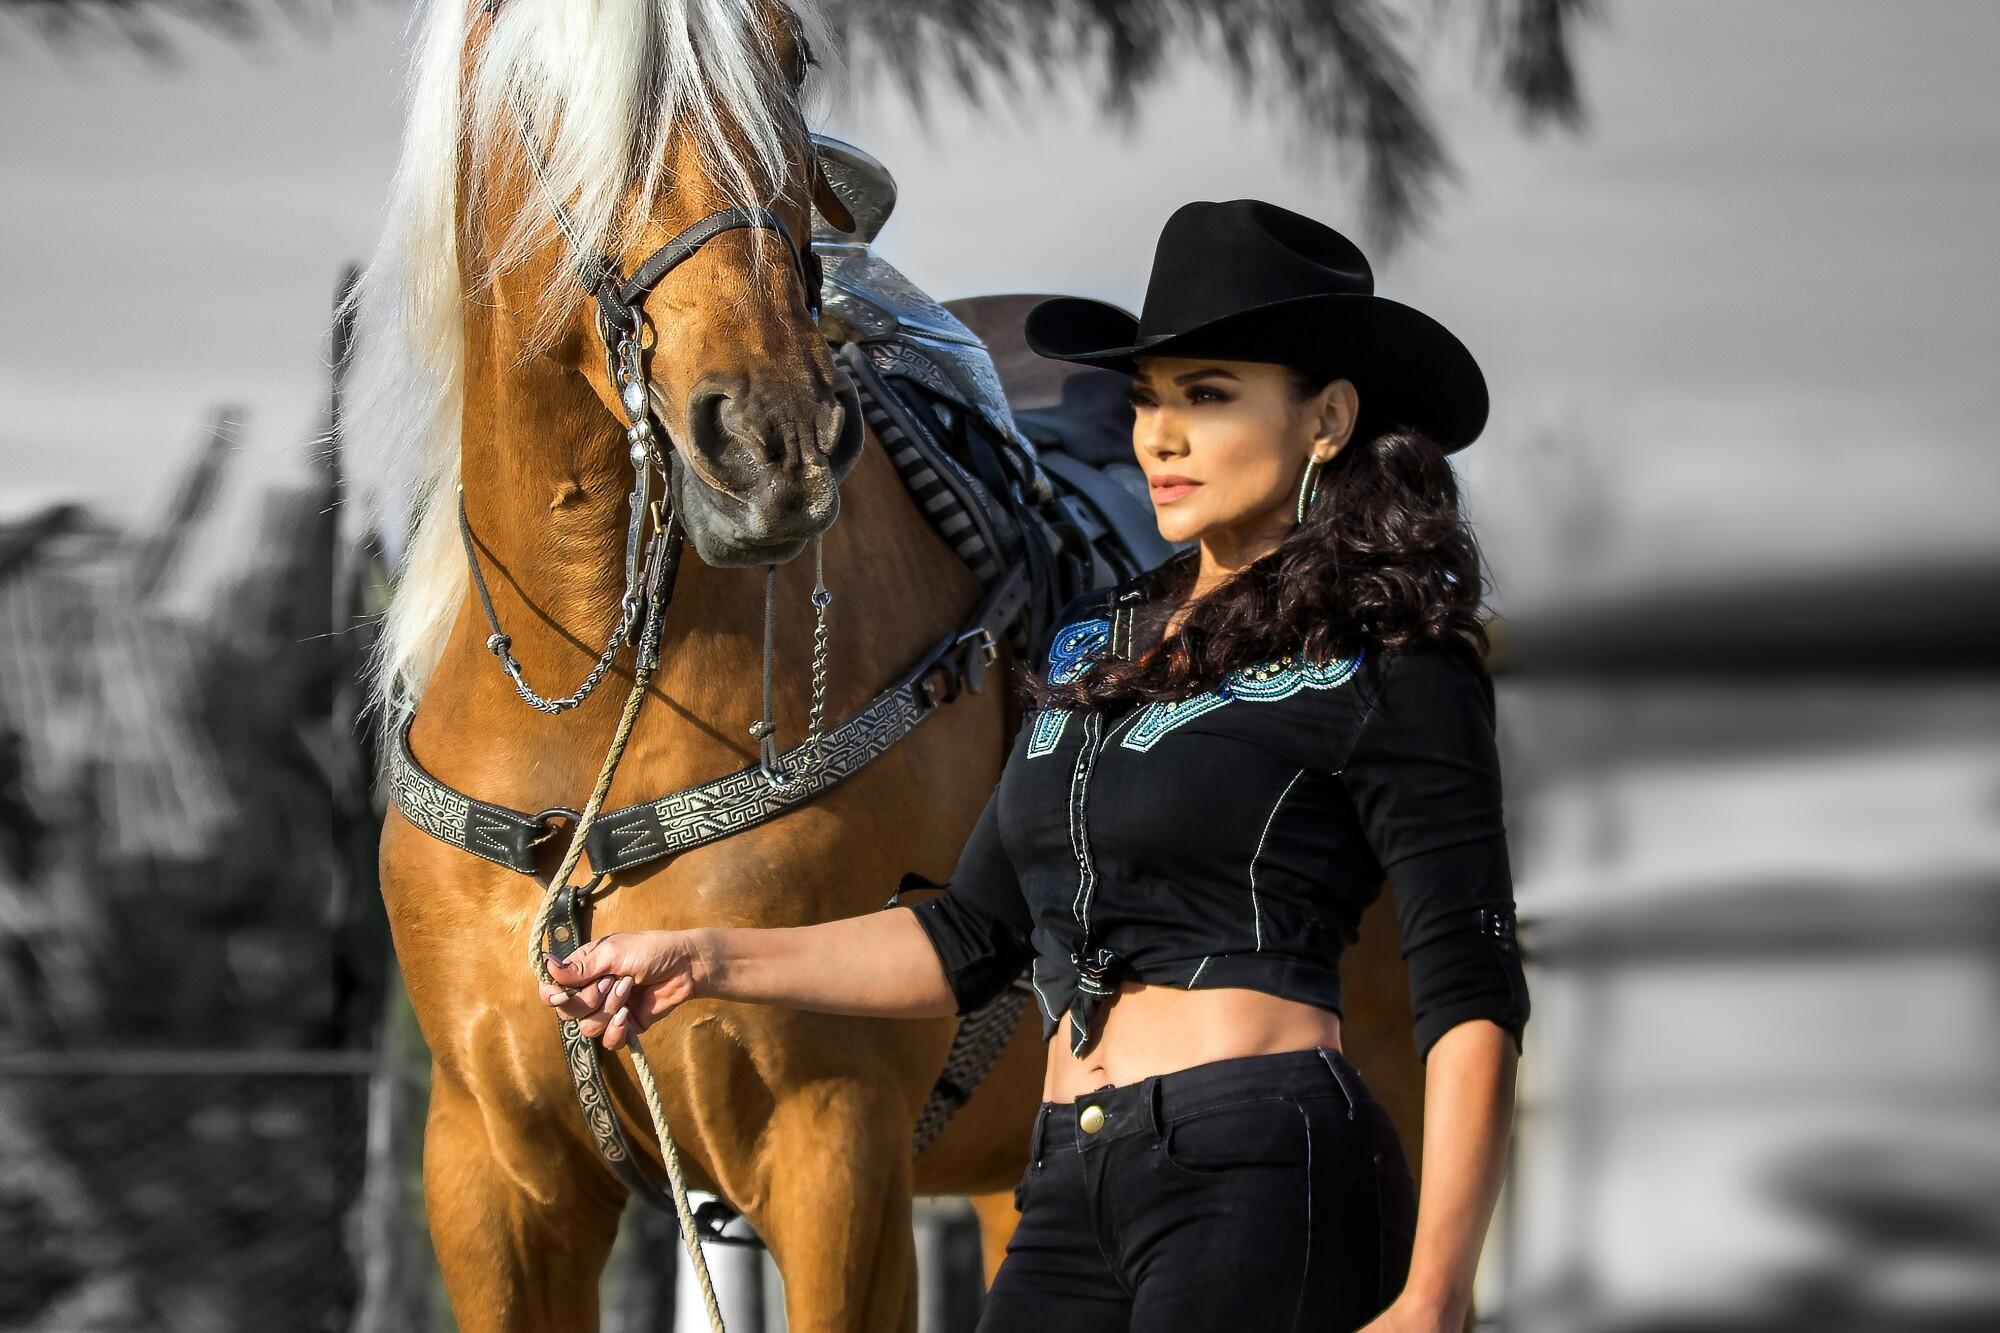 La cantante mexicana Alejandra Rojas en una imagen promocional.